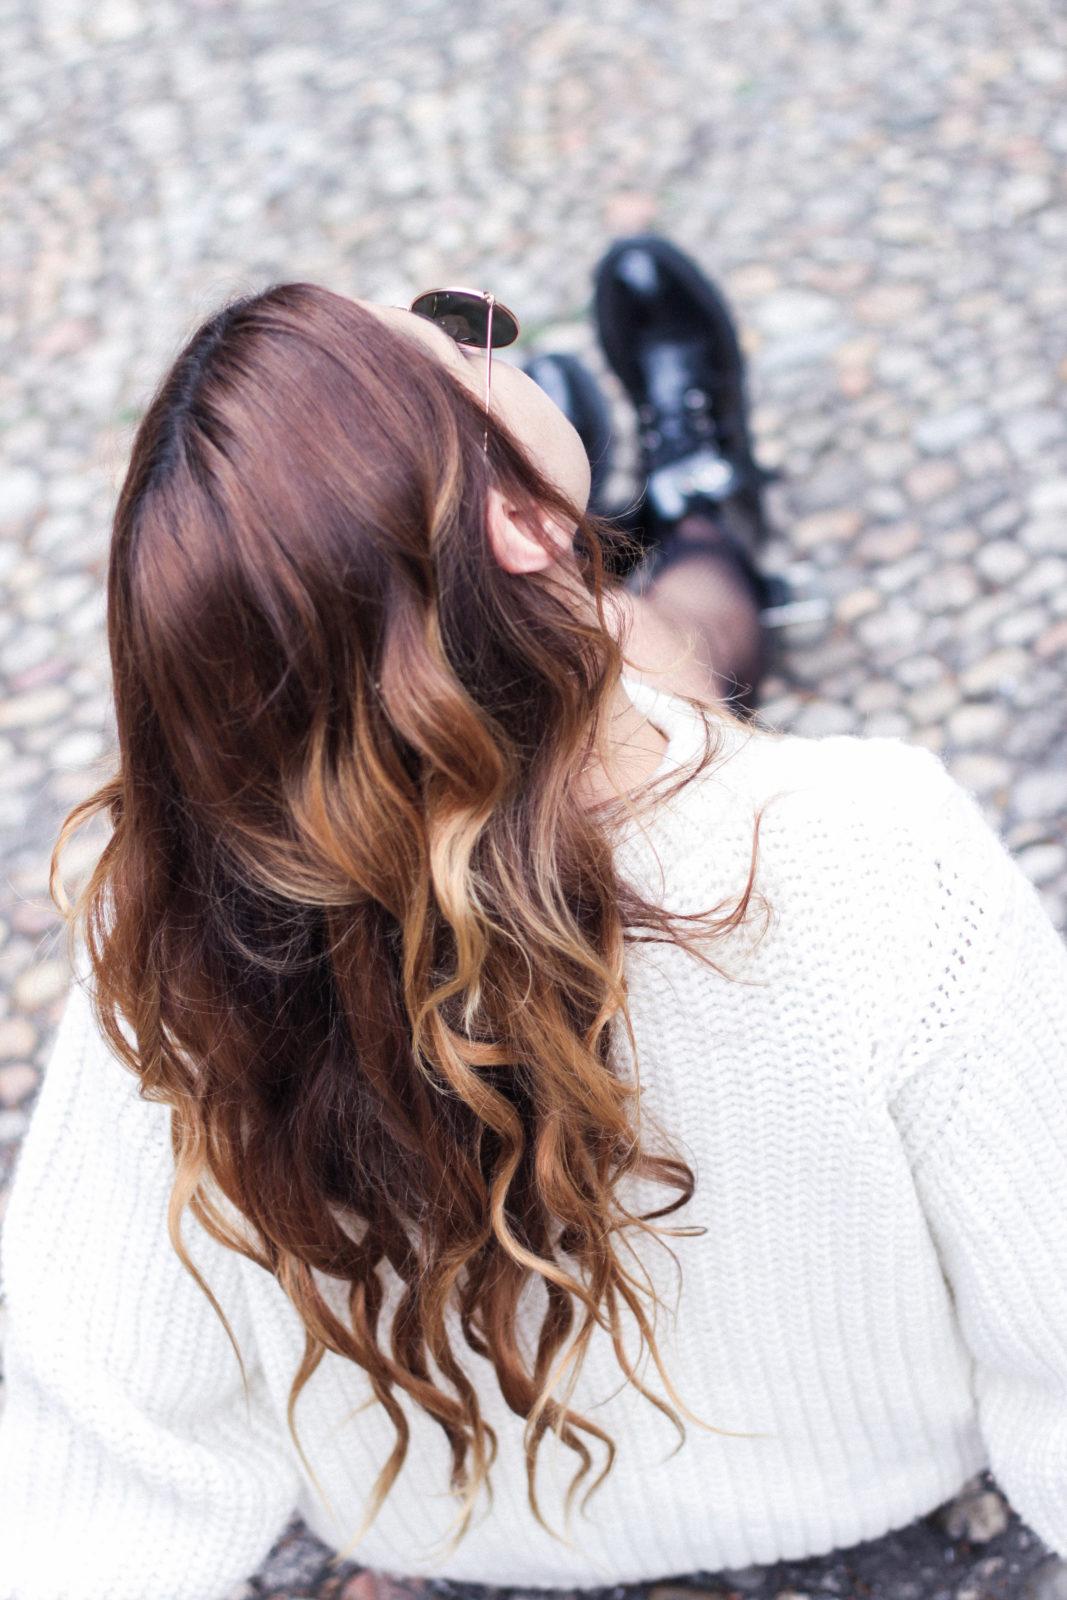 irresistible_me_medias_de_rejilla_falda_de_charol_jersey_sweater_knitwear_hair_style_dark_lips-67